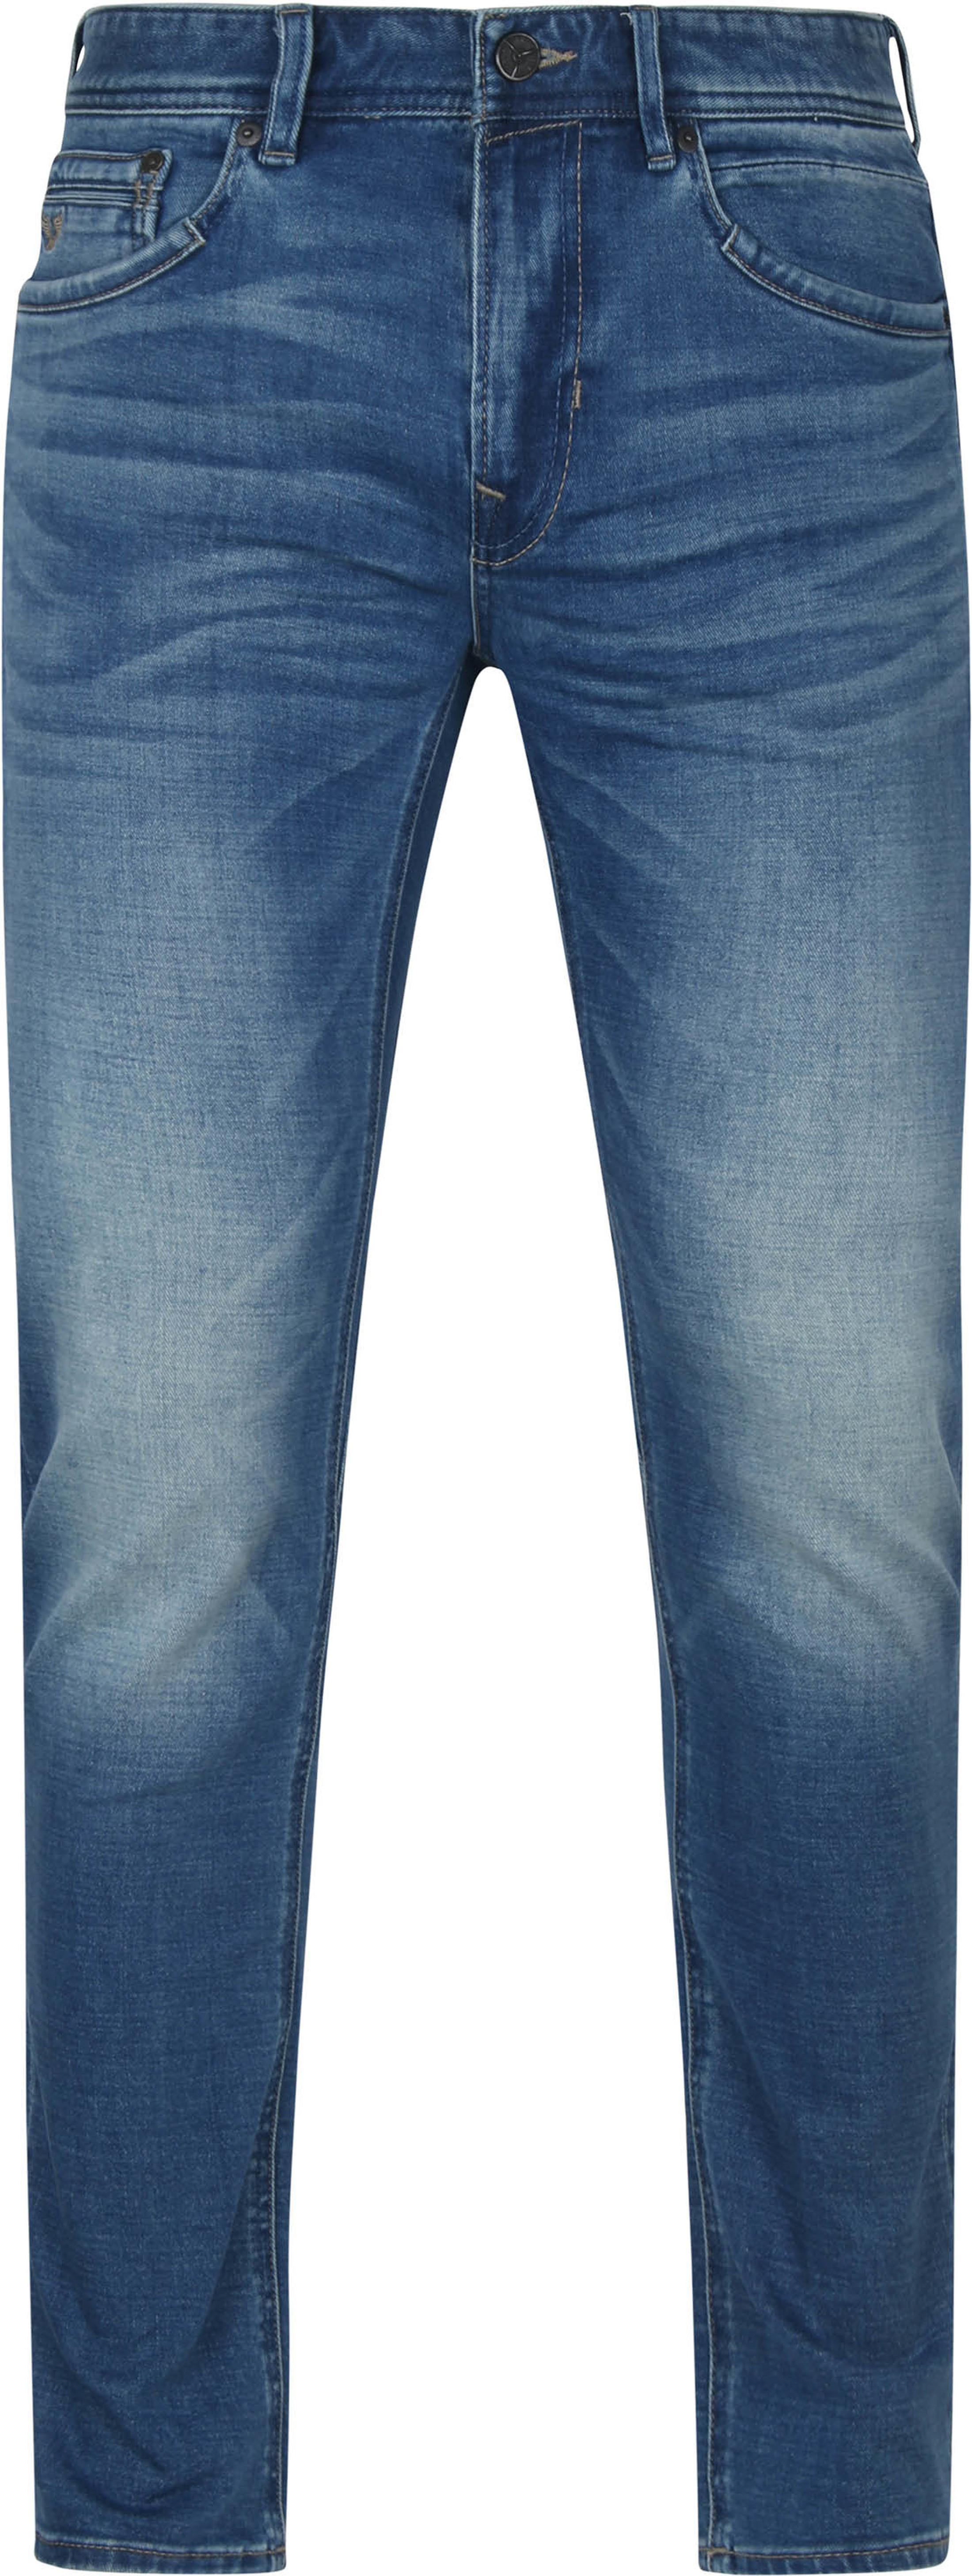 PME Legend Tailwheel Jeans Blauw